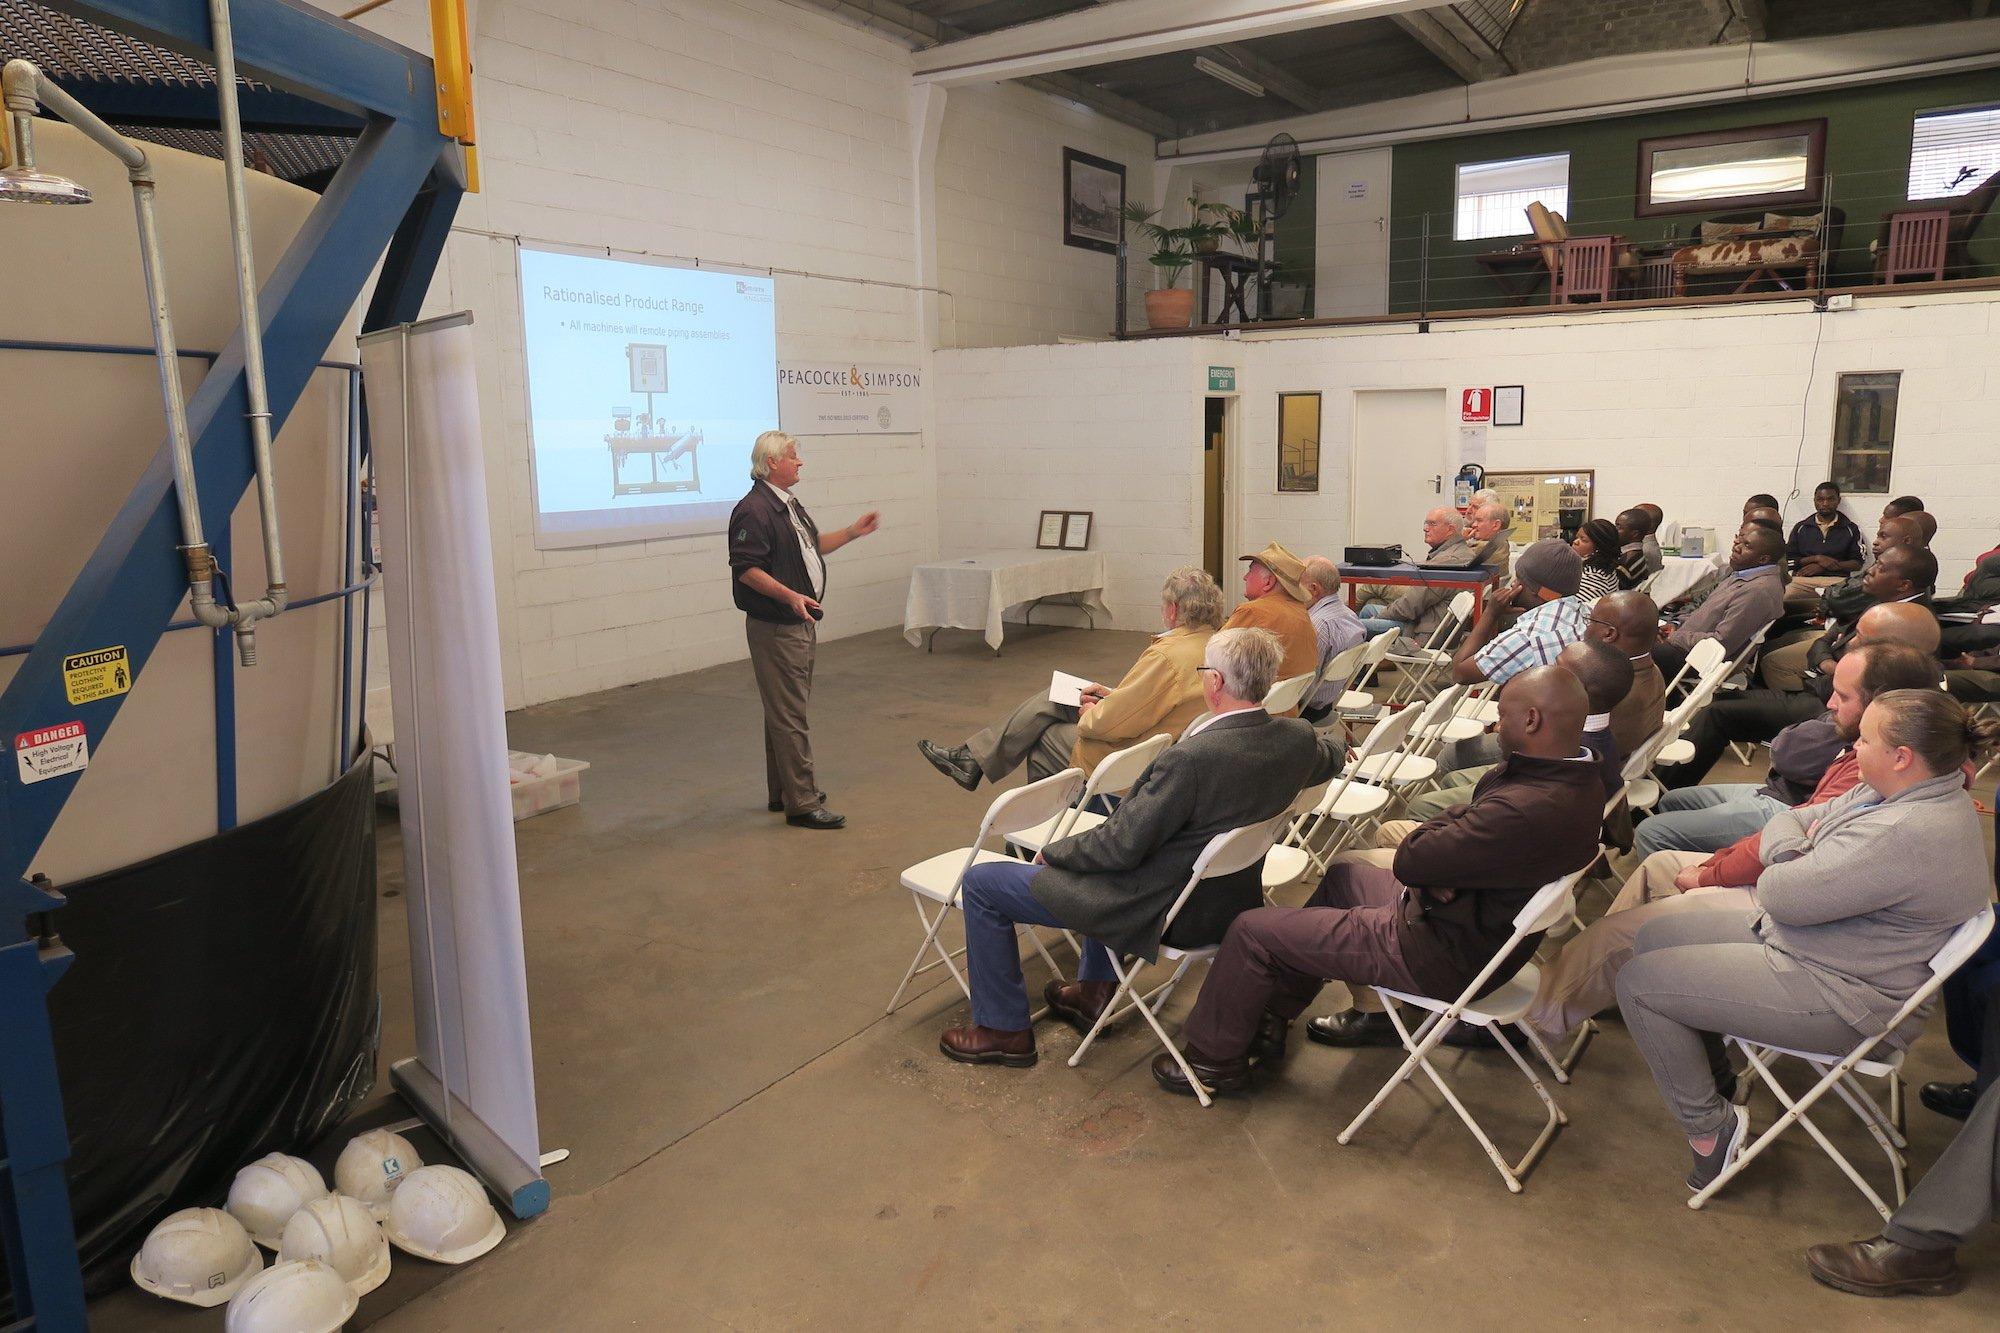 Seminar held in the P&S workshop